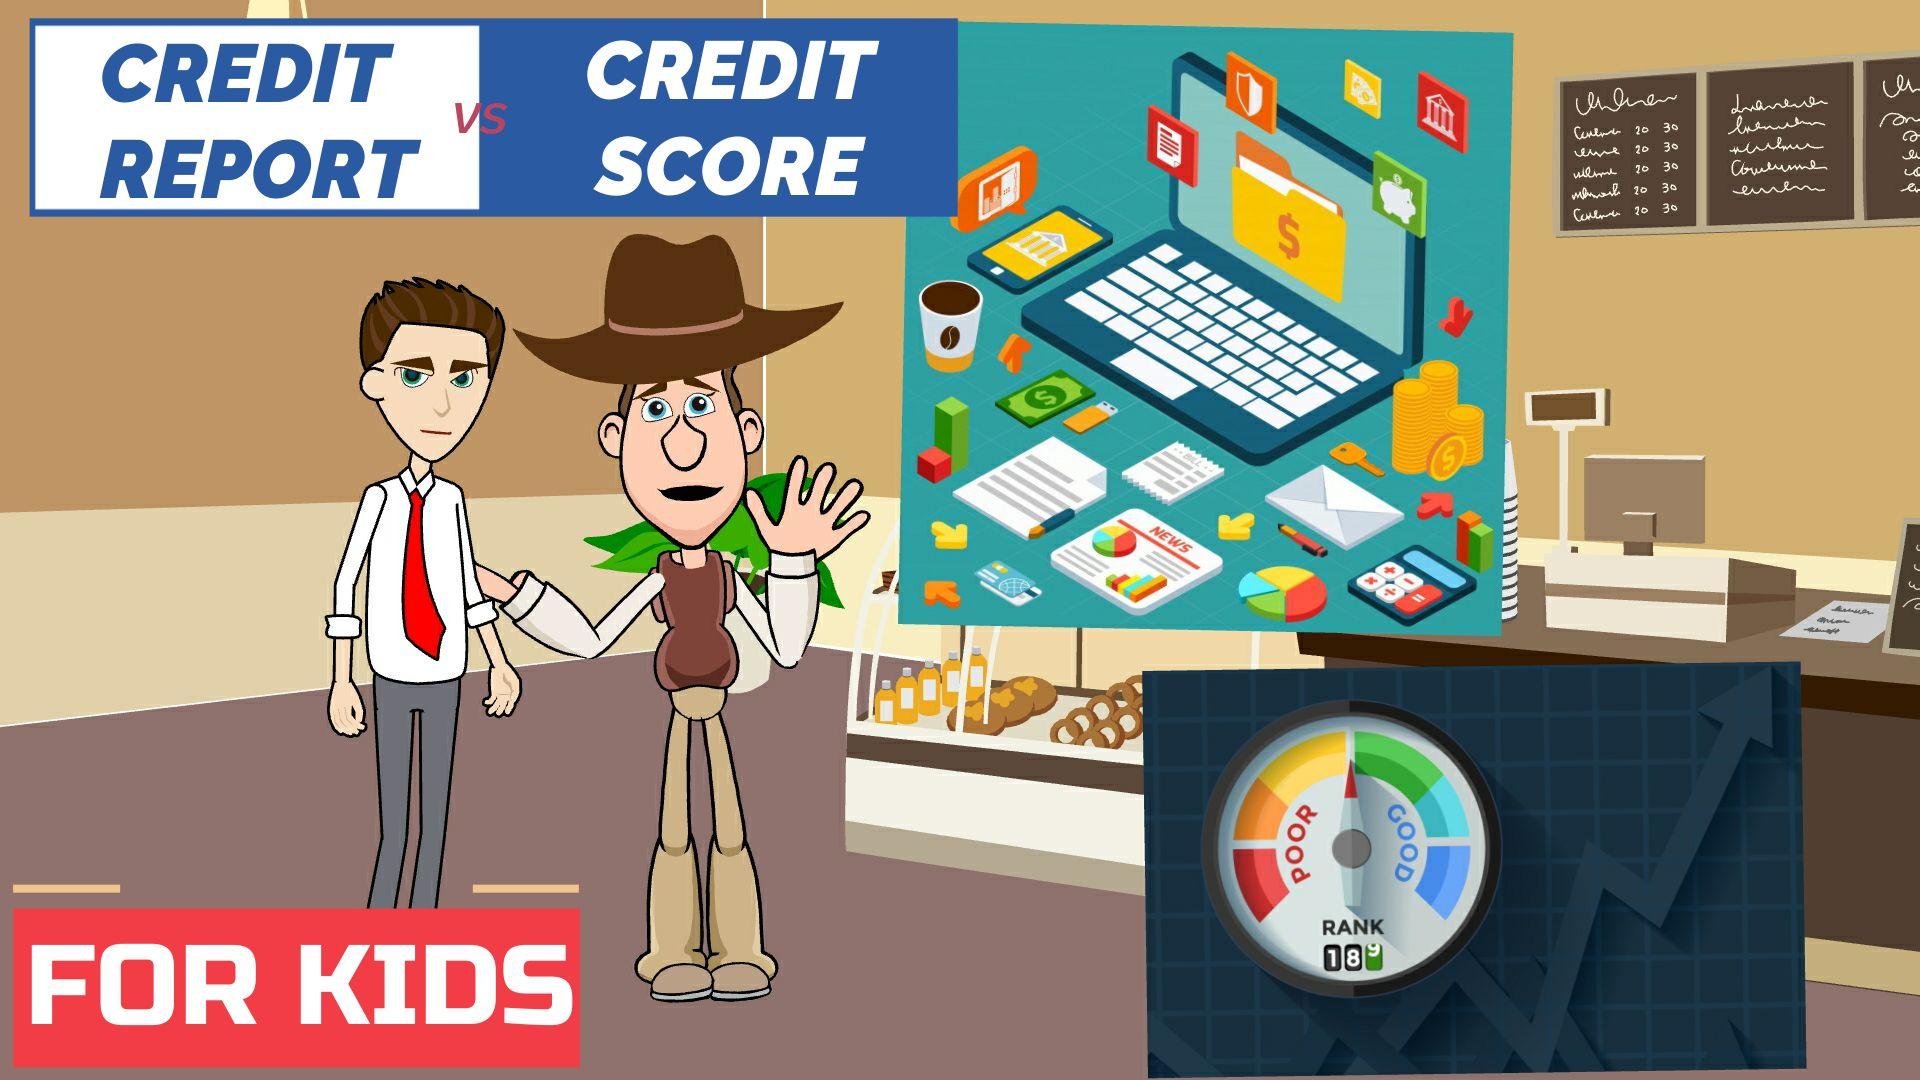 Credit Report vs Credit Score Comparison